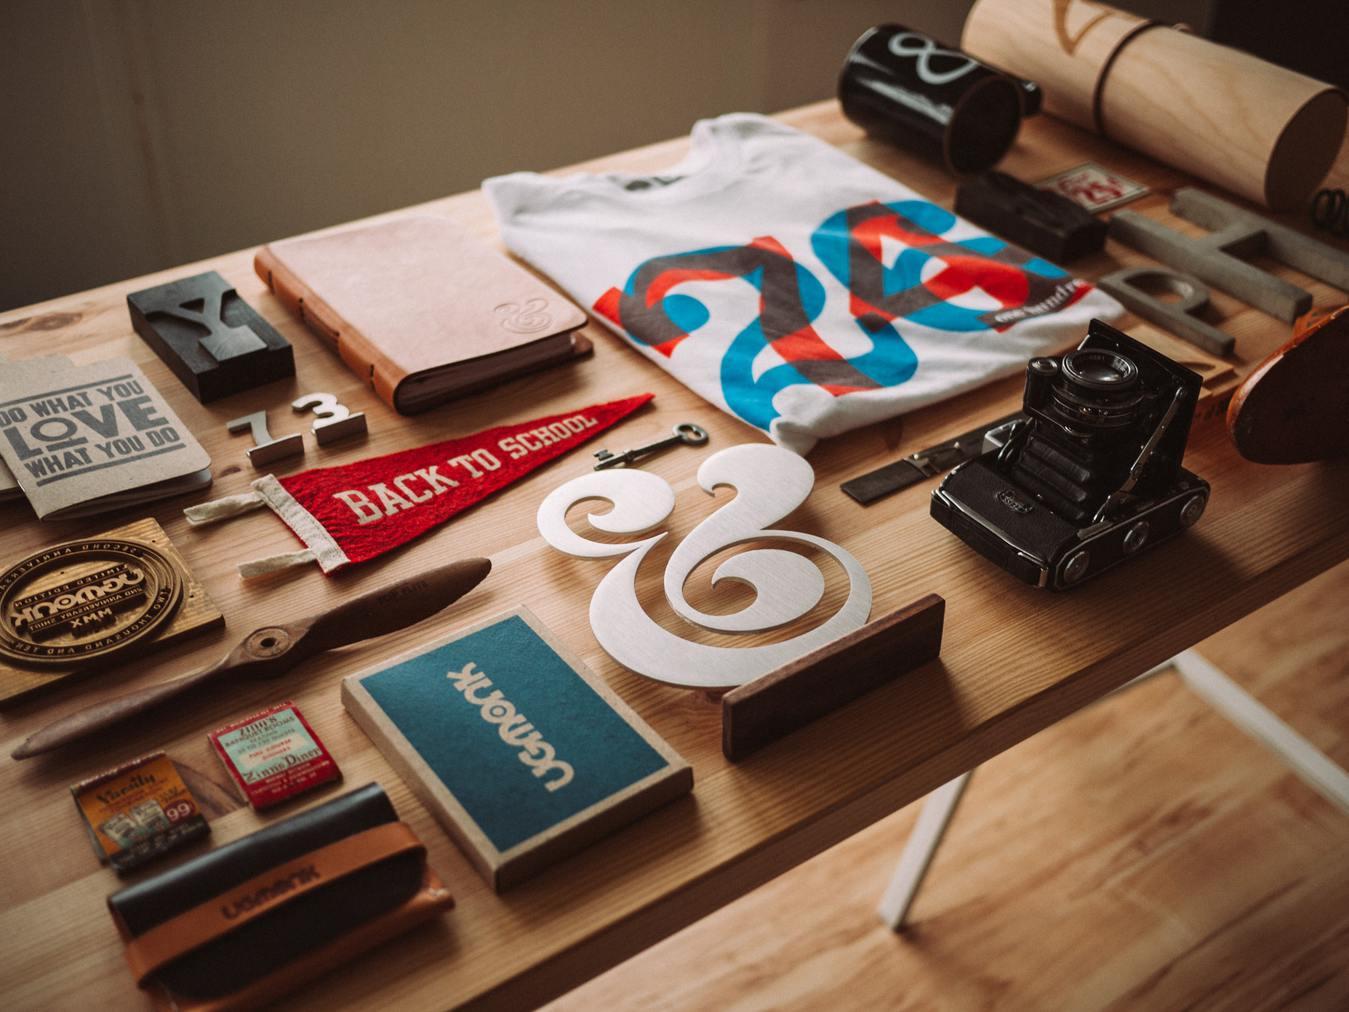 Seleção de produtos numa mesa castanha